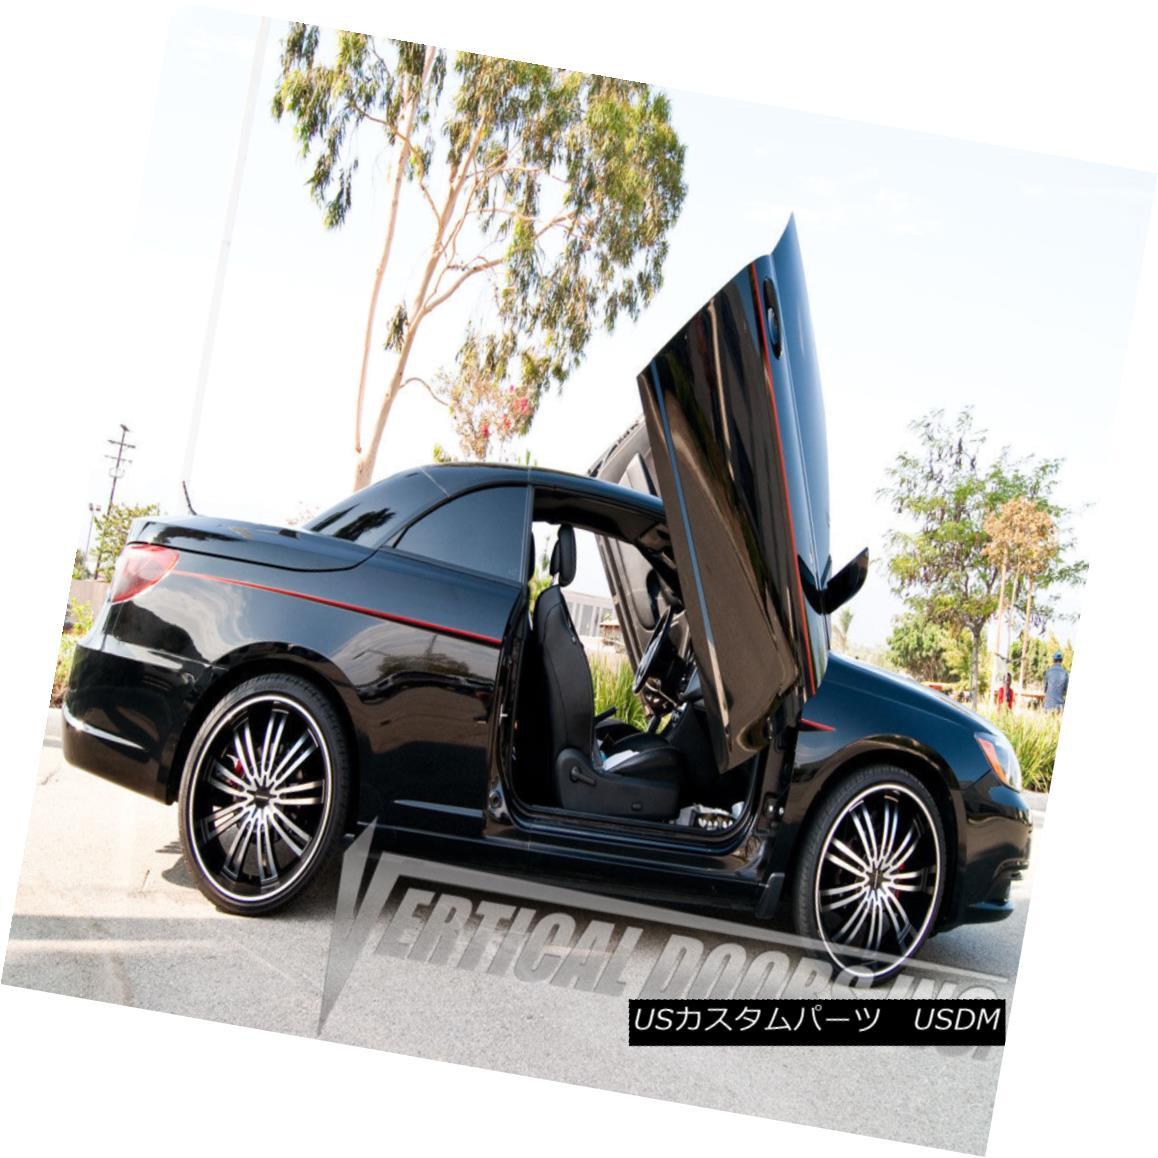 ガルウィングキット Vertical Doors Inc Bolt On Lambo Door Kits for Chrysler 200 2011-2014 Vertical Doors Incクライスラー200 2011-2014用のランボルギーニドアキットのボルト